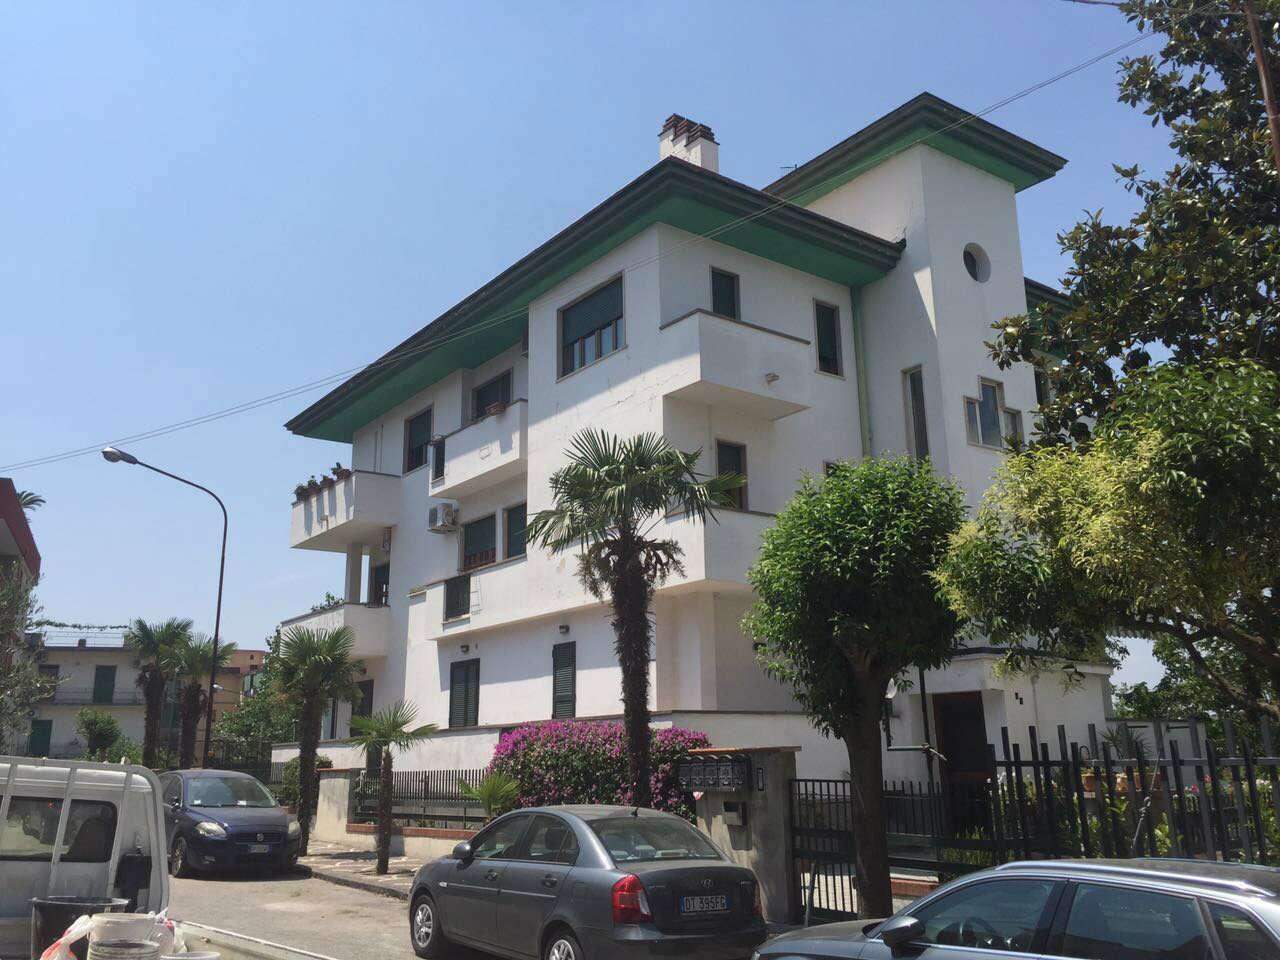 Appartamento in vendita a Sant'Anastasia, 8 locali, prezzo € 400.000 | CambioCasa.it